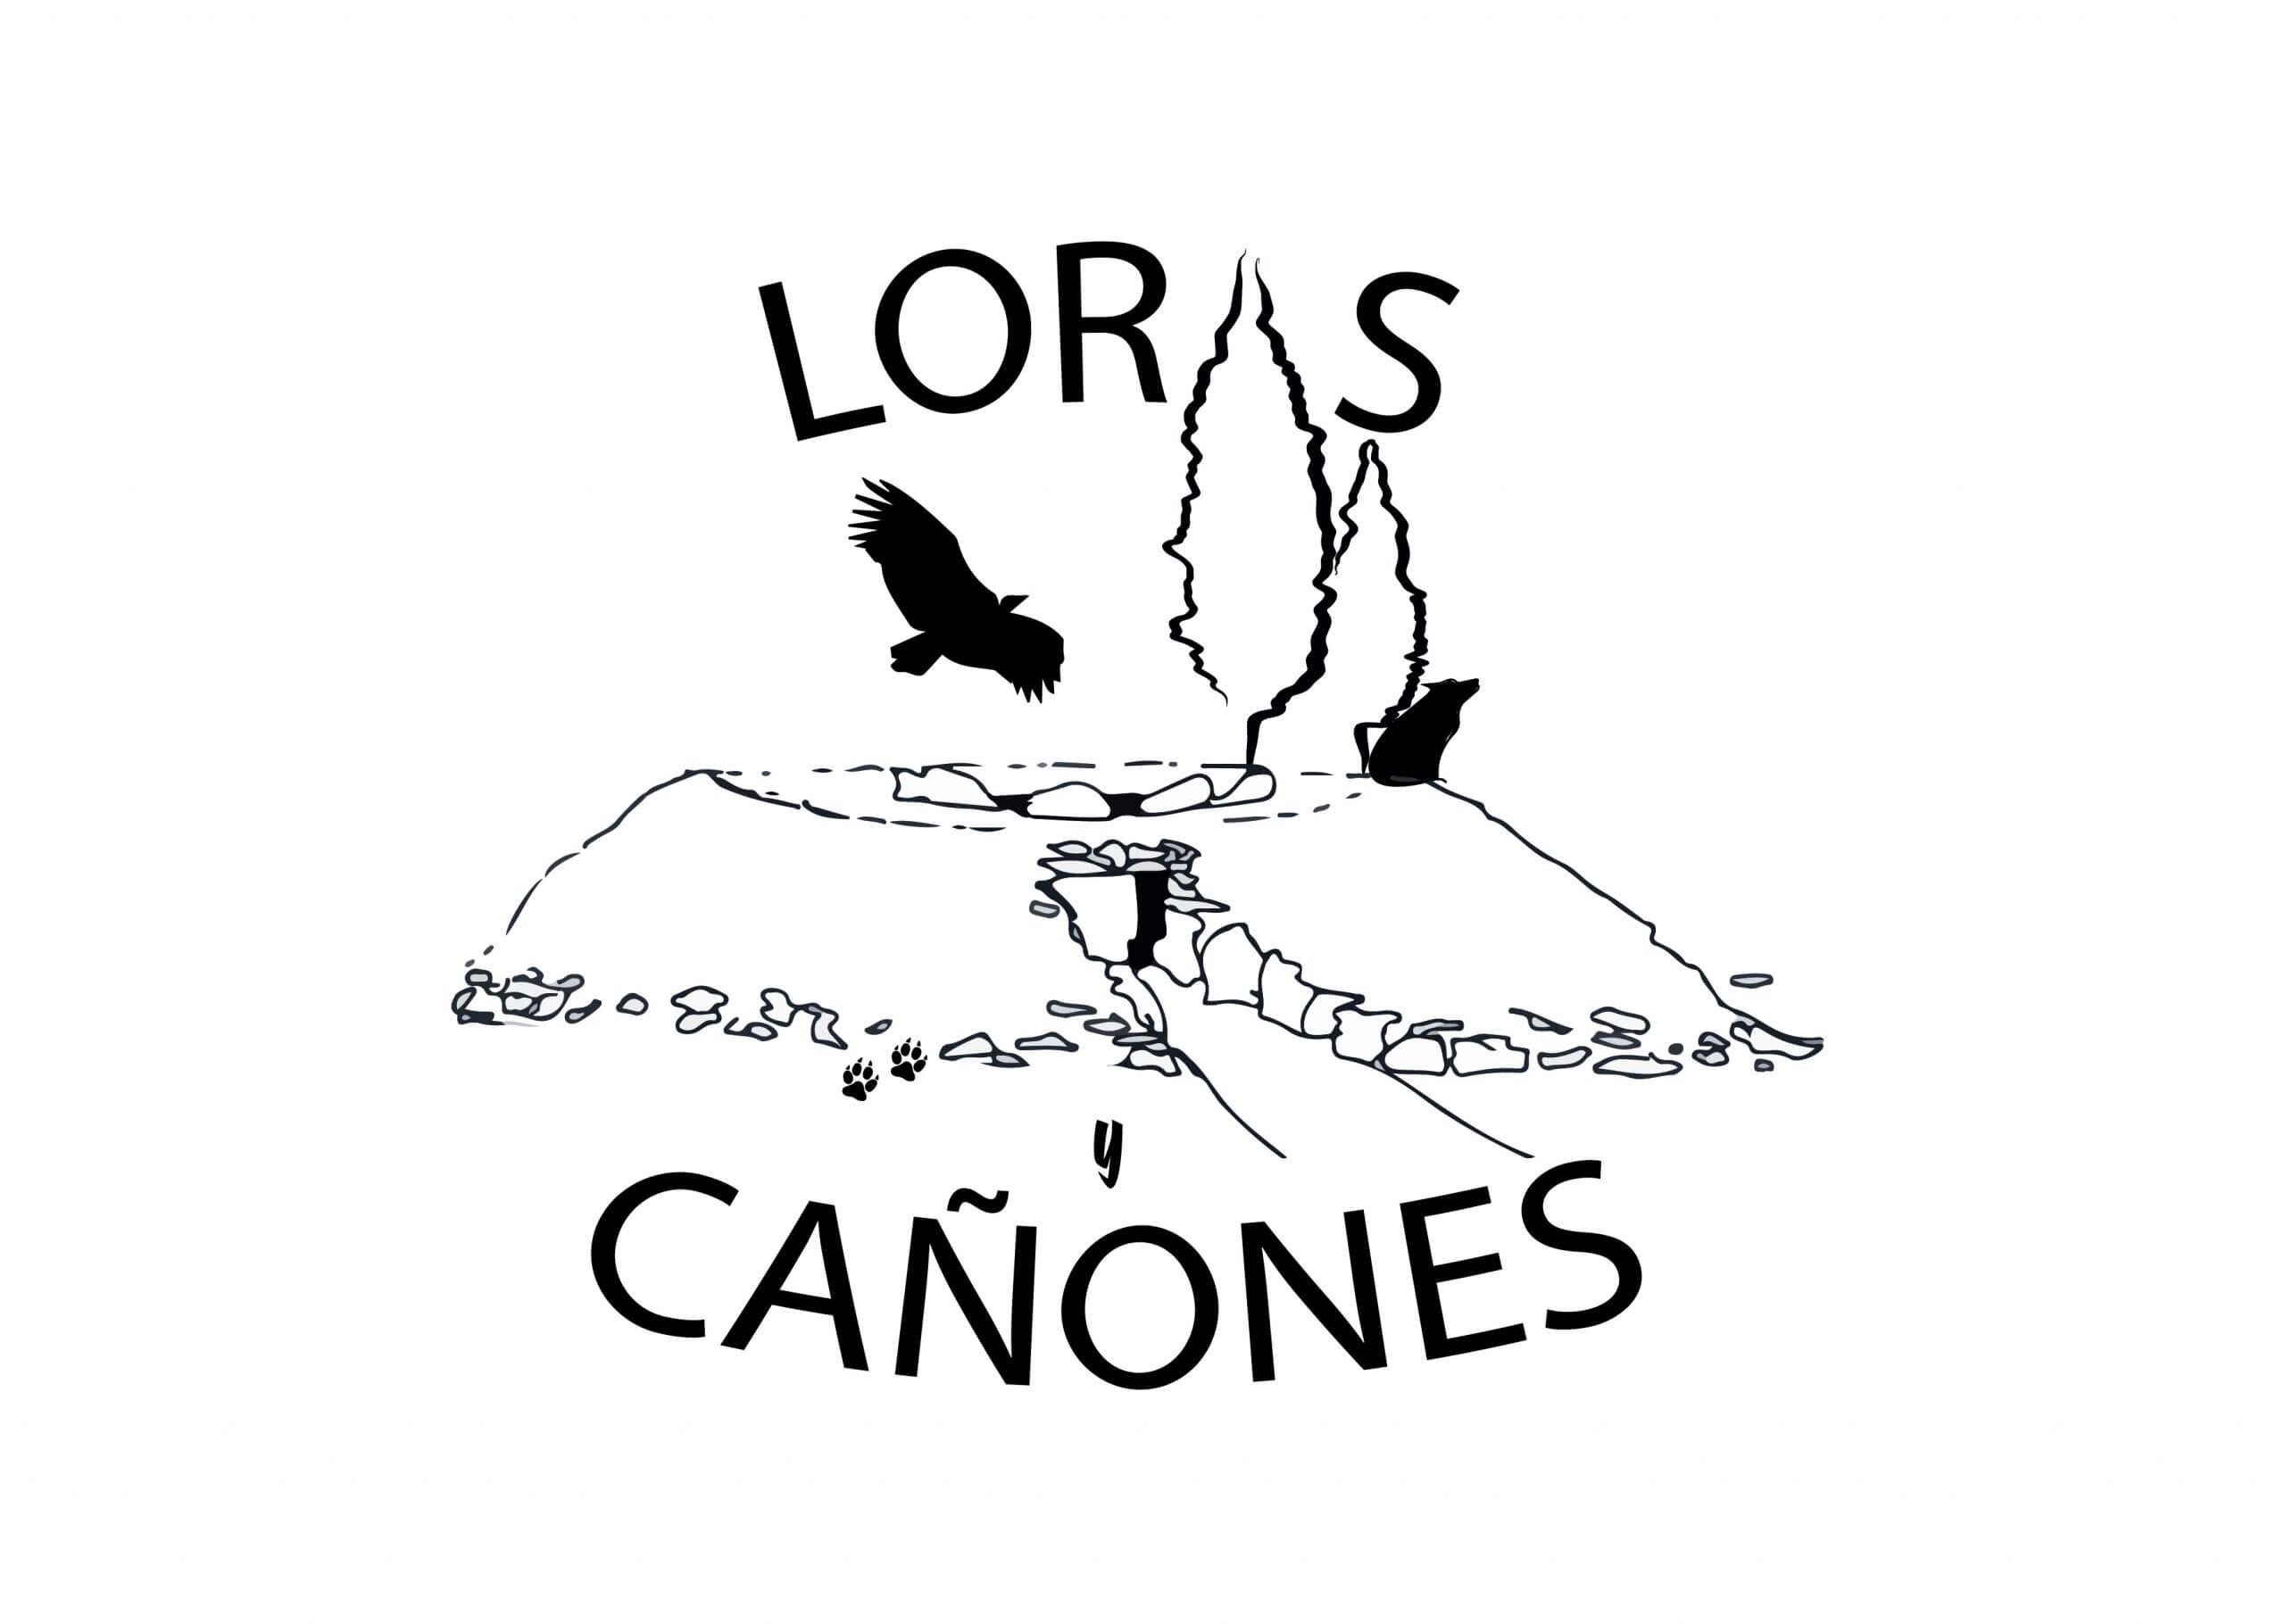 Loras y cañones